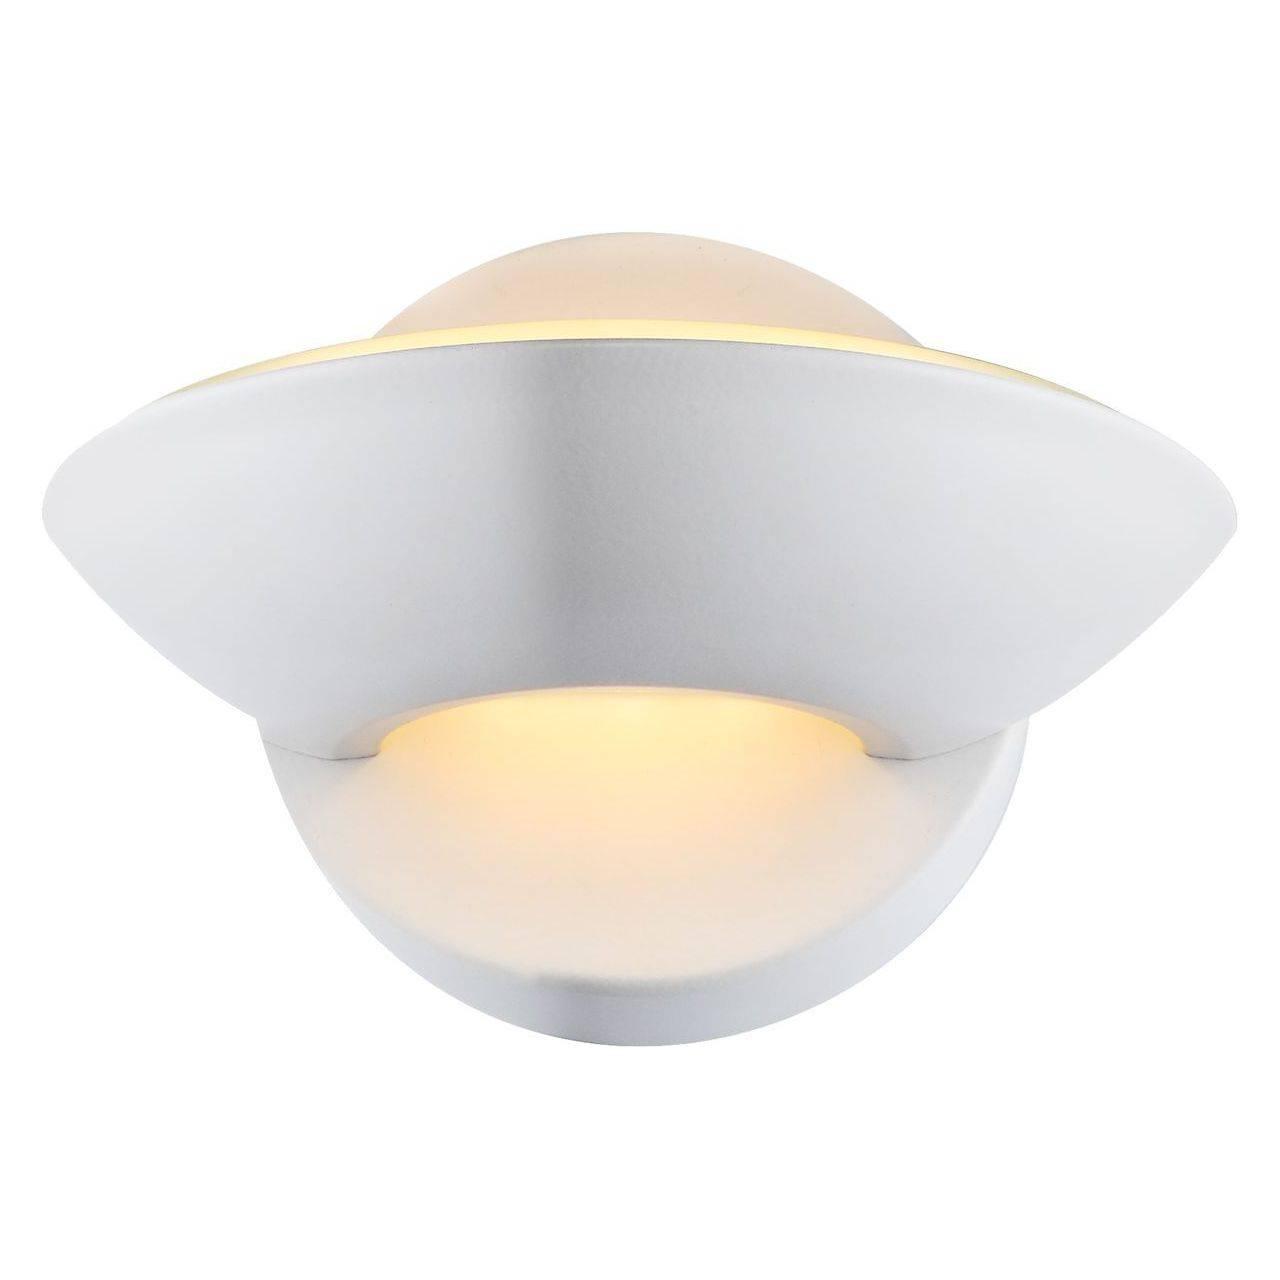 Настенный светодиодный светильник Globo Sammy 76003 светильник настенный 76003 led 1x3вт белый